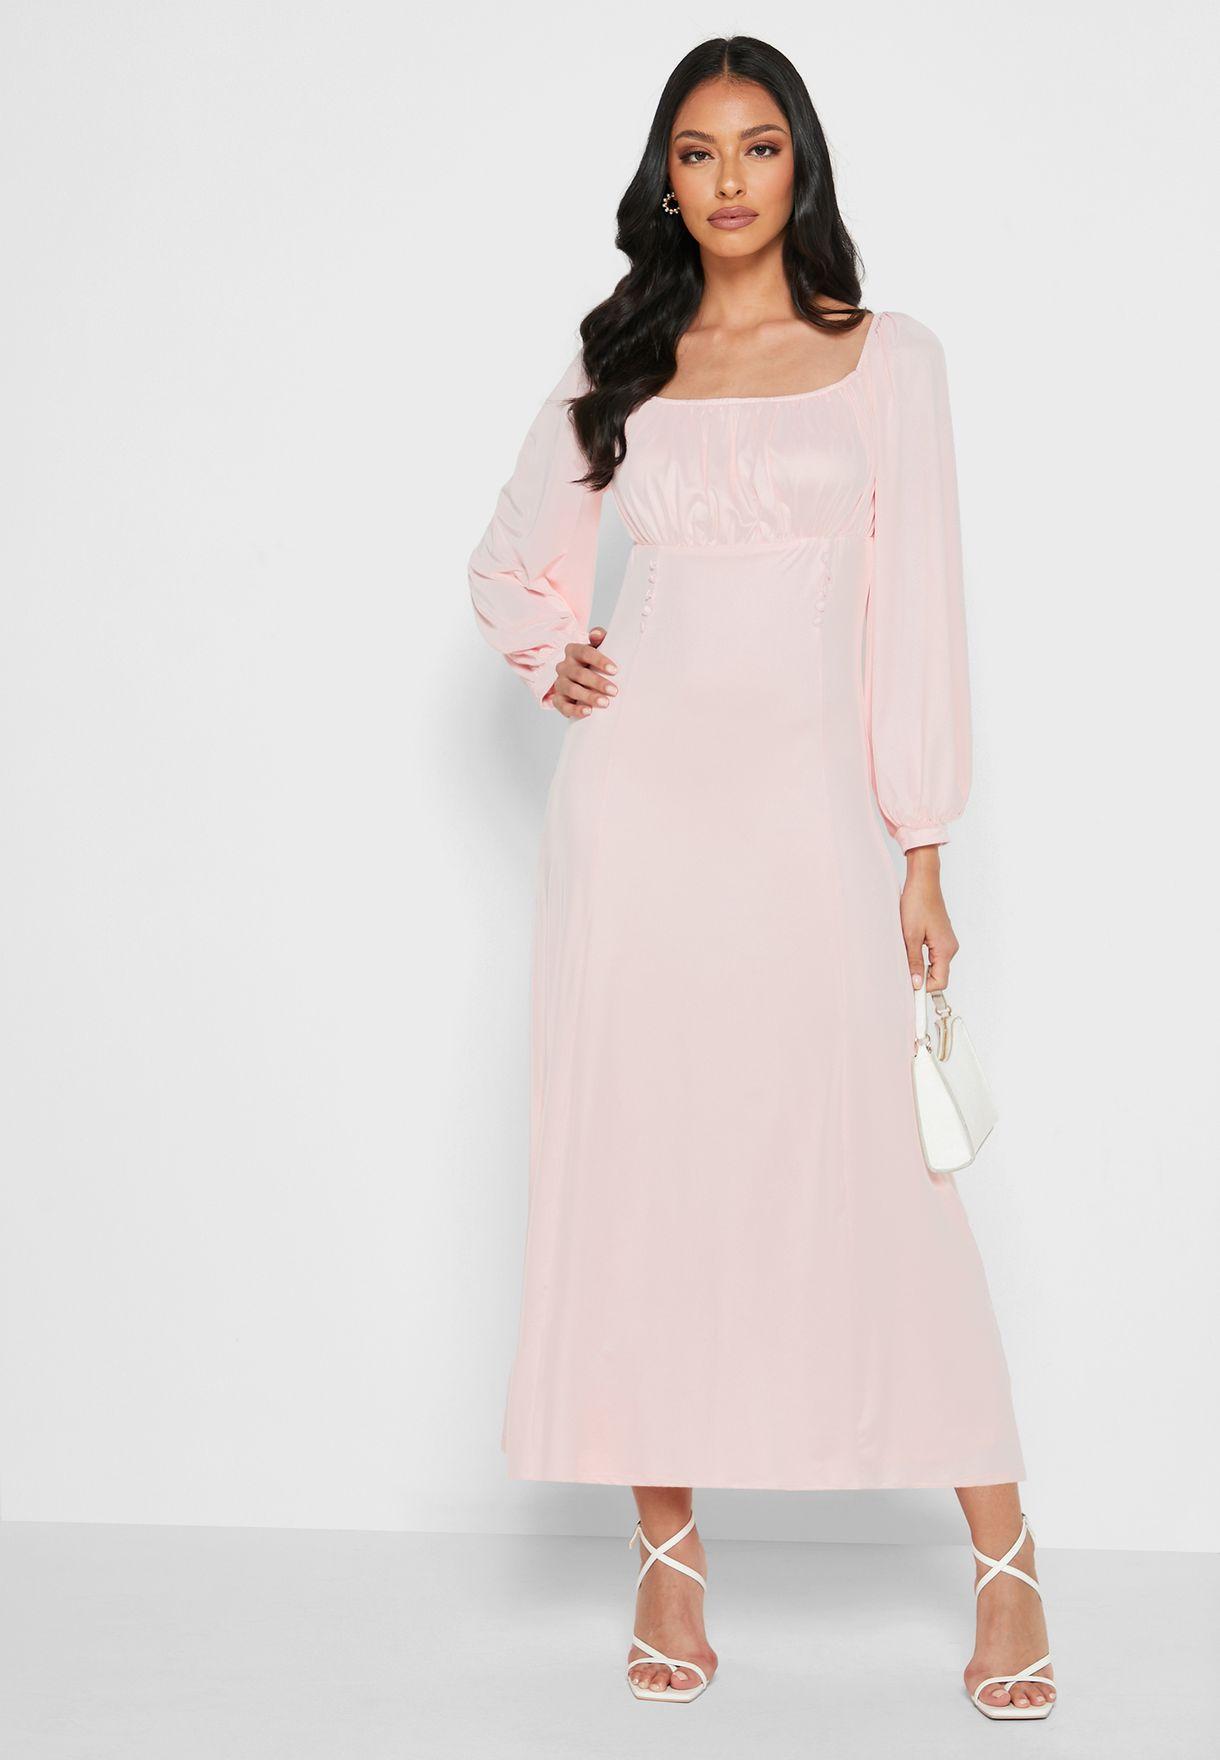 فستان طويل بأكمام واسعة